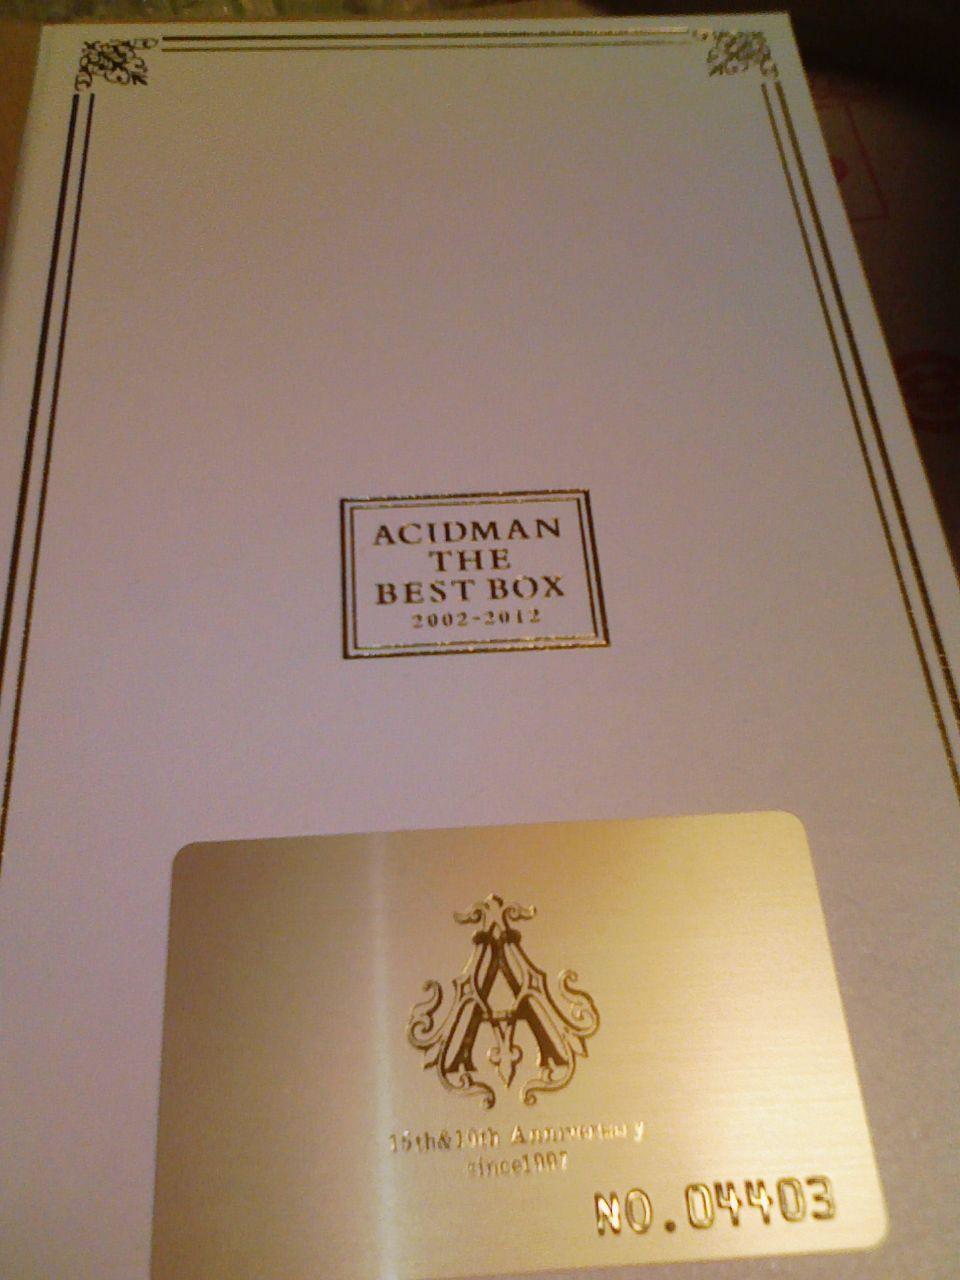 ACIDMAN THE BEST BOX 2002-2012...